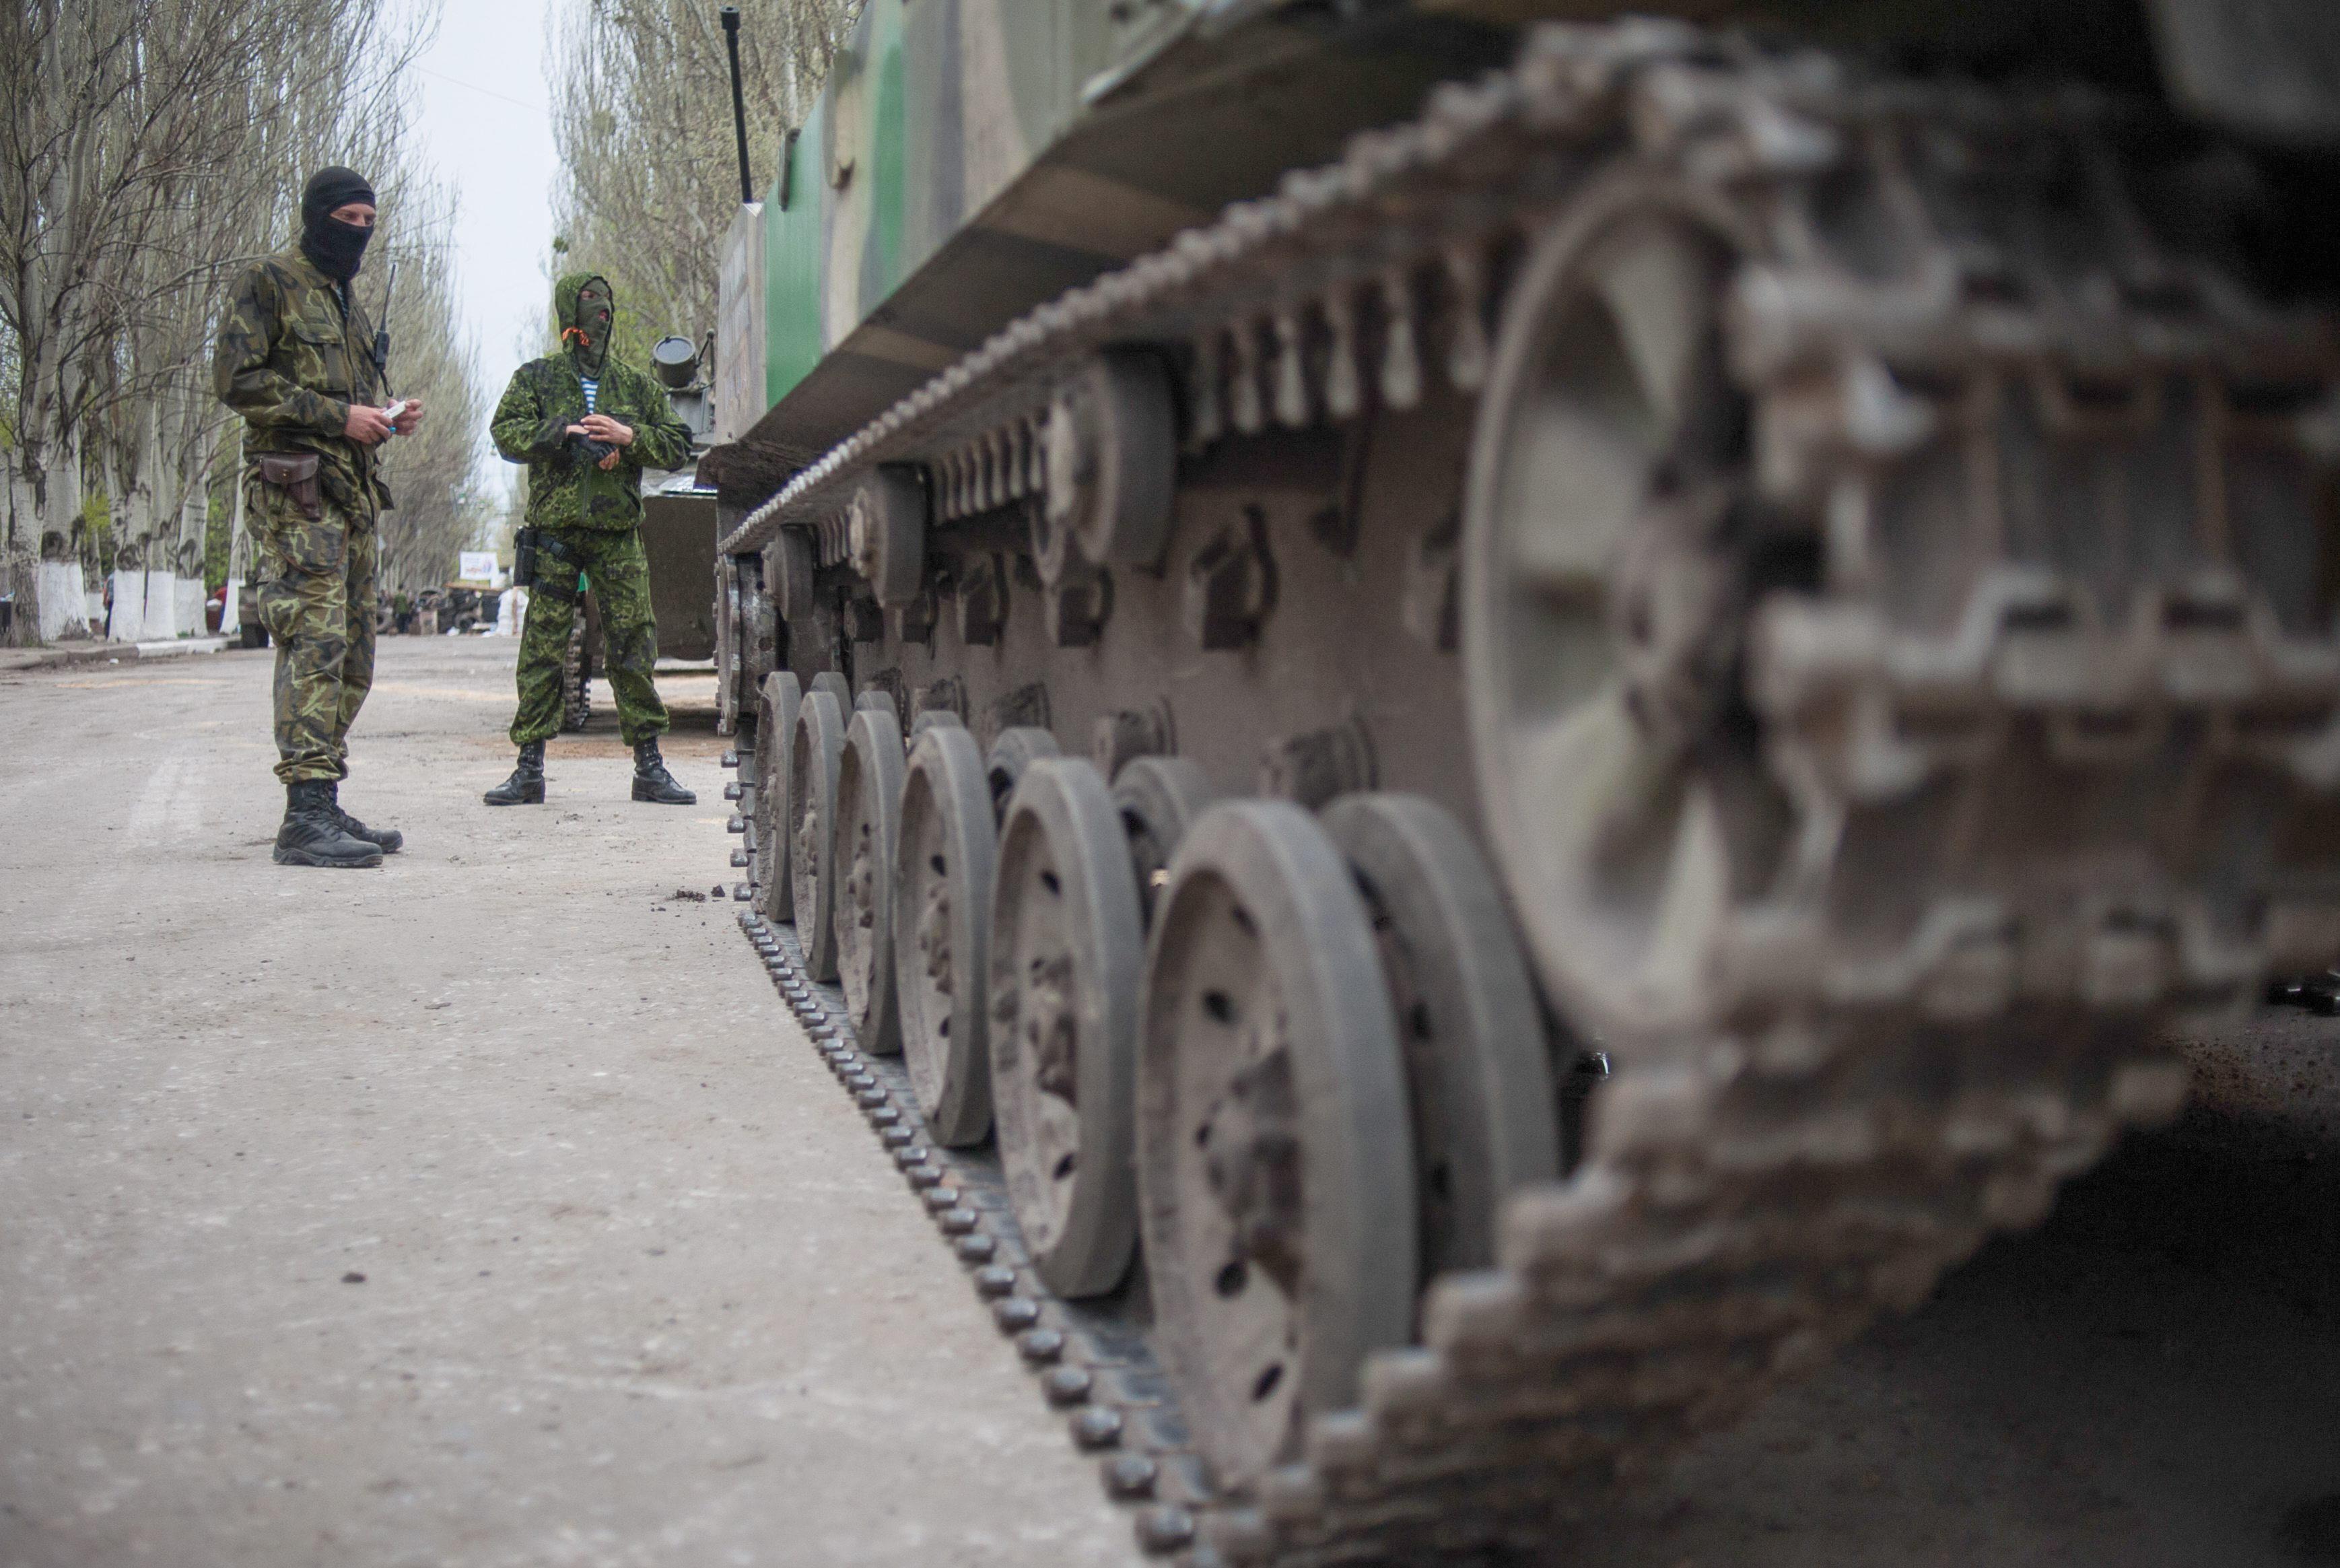 Las autoridades ucranianas sólo confirman un muerto en el tiroteo en Donetsk